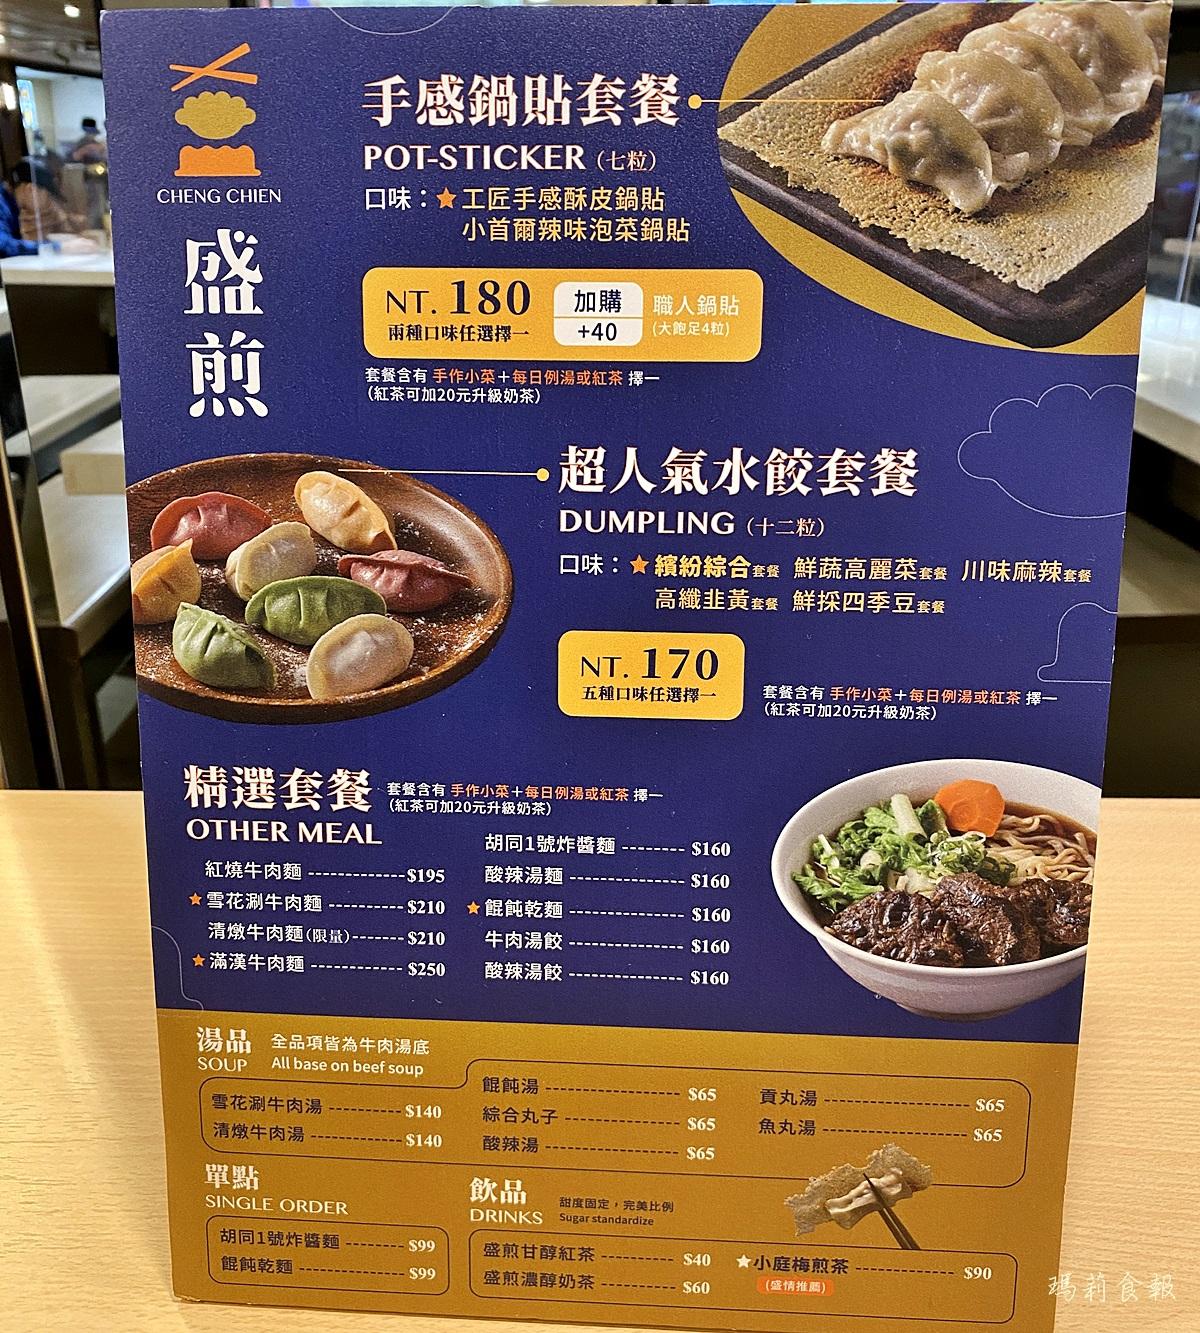 盛煎鍋貼,盛煎鍋貼菜單,傳統麵食,麵食新風貌,人氣水餃,中友美食,台中北區美食